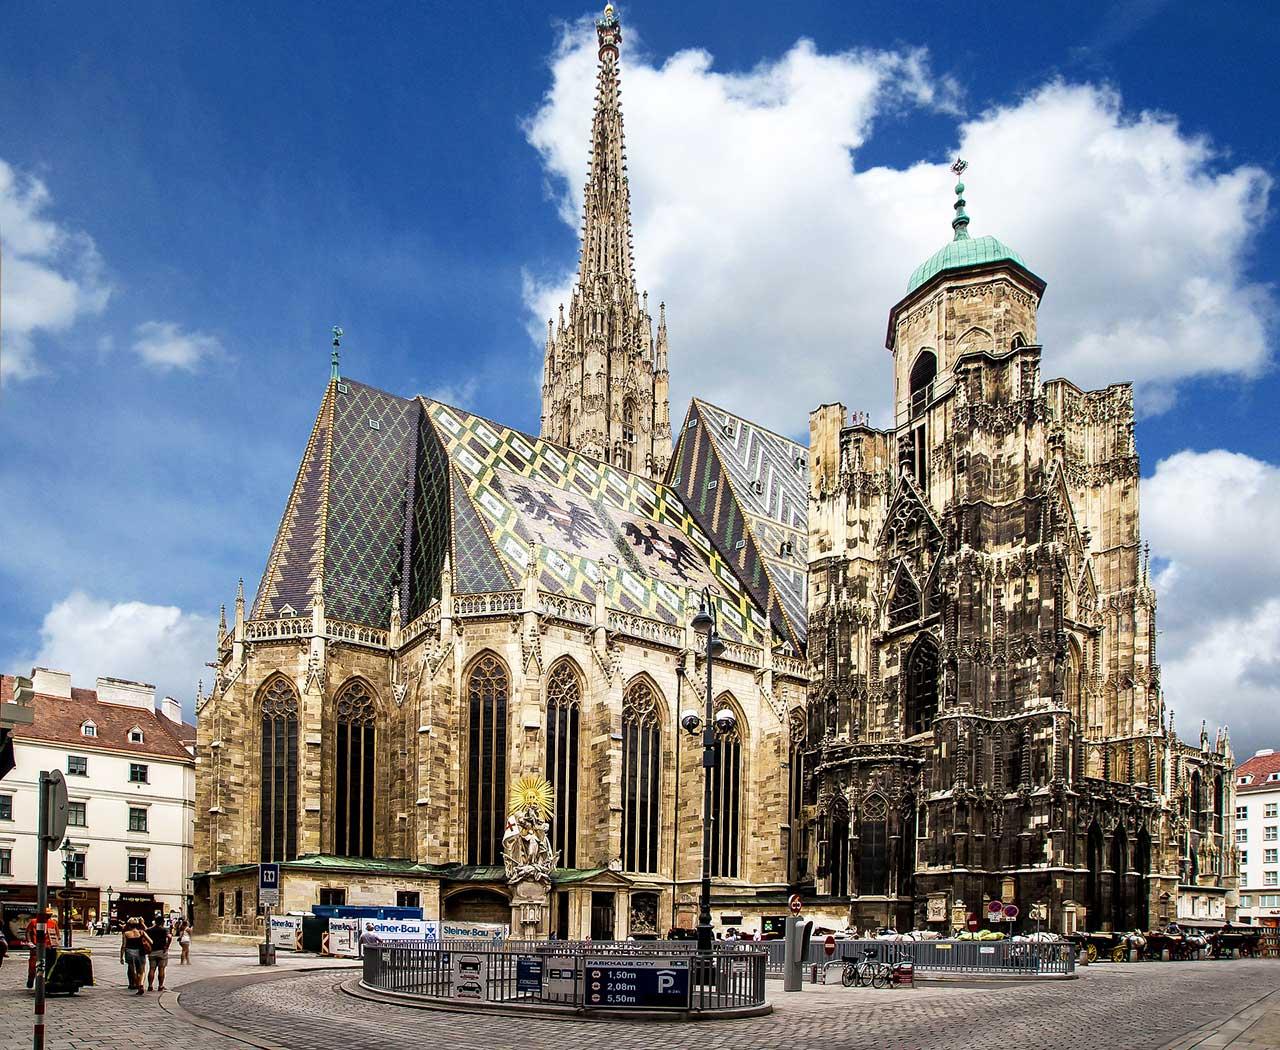 St. Stephen's Cathedral - Vienna - Day 1 · Belvedere + City center + St. Stephen's  Cathedral